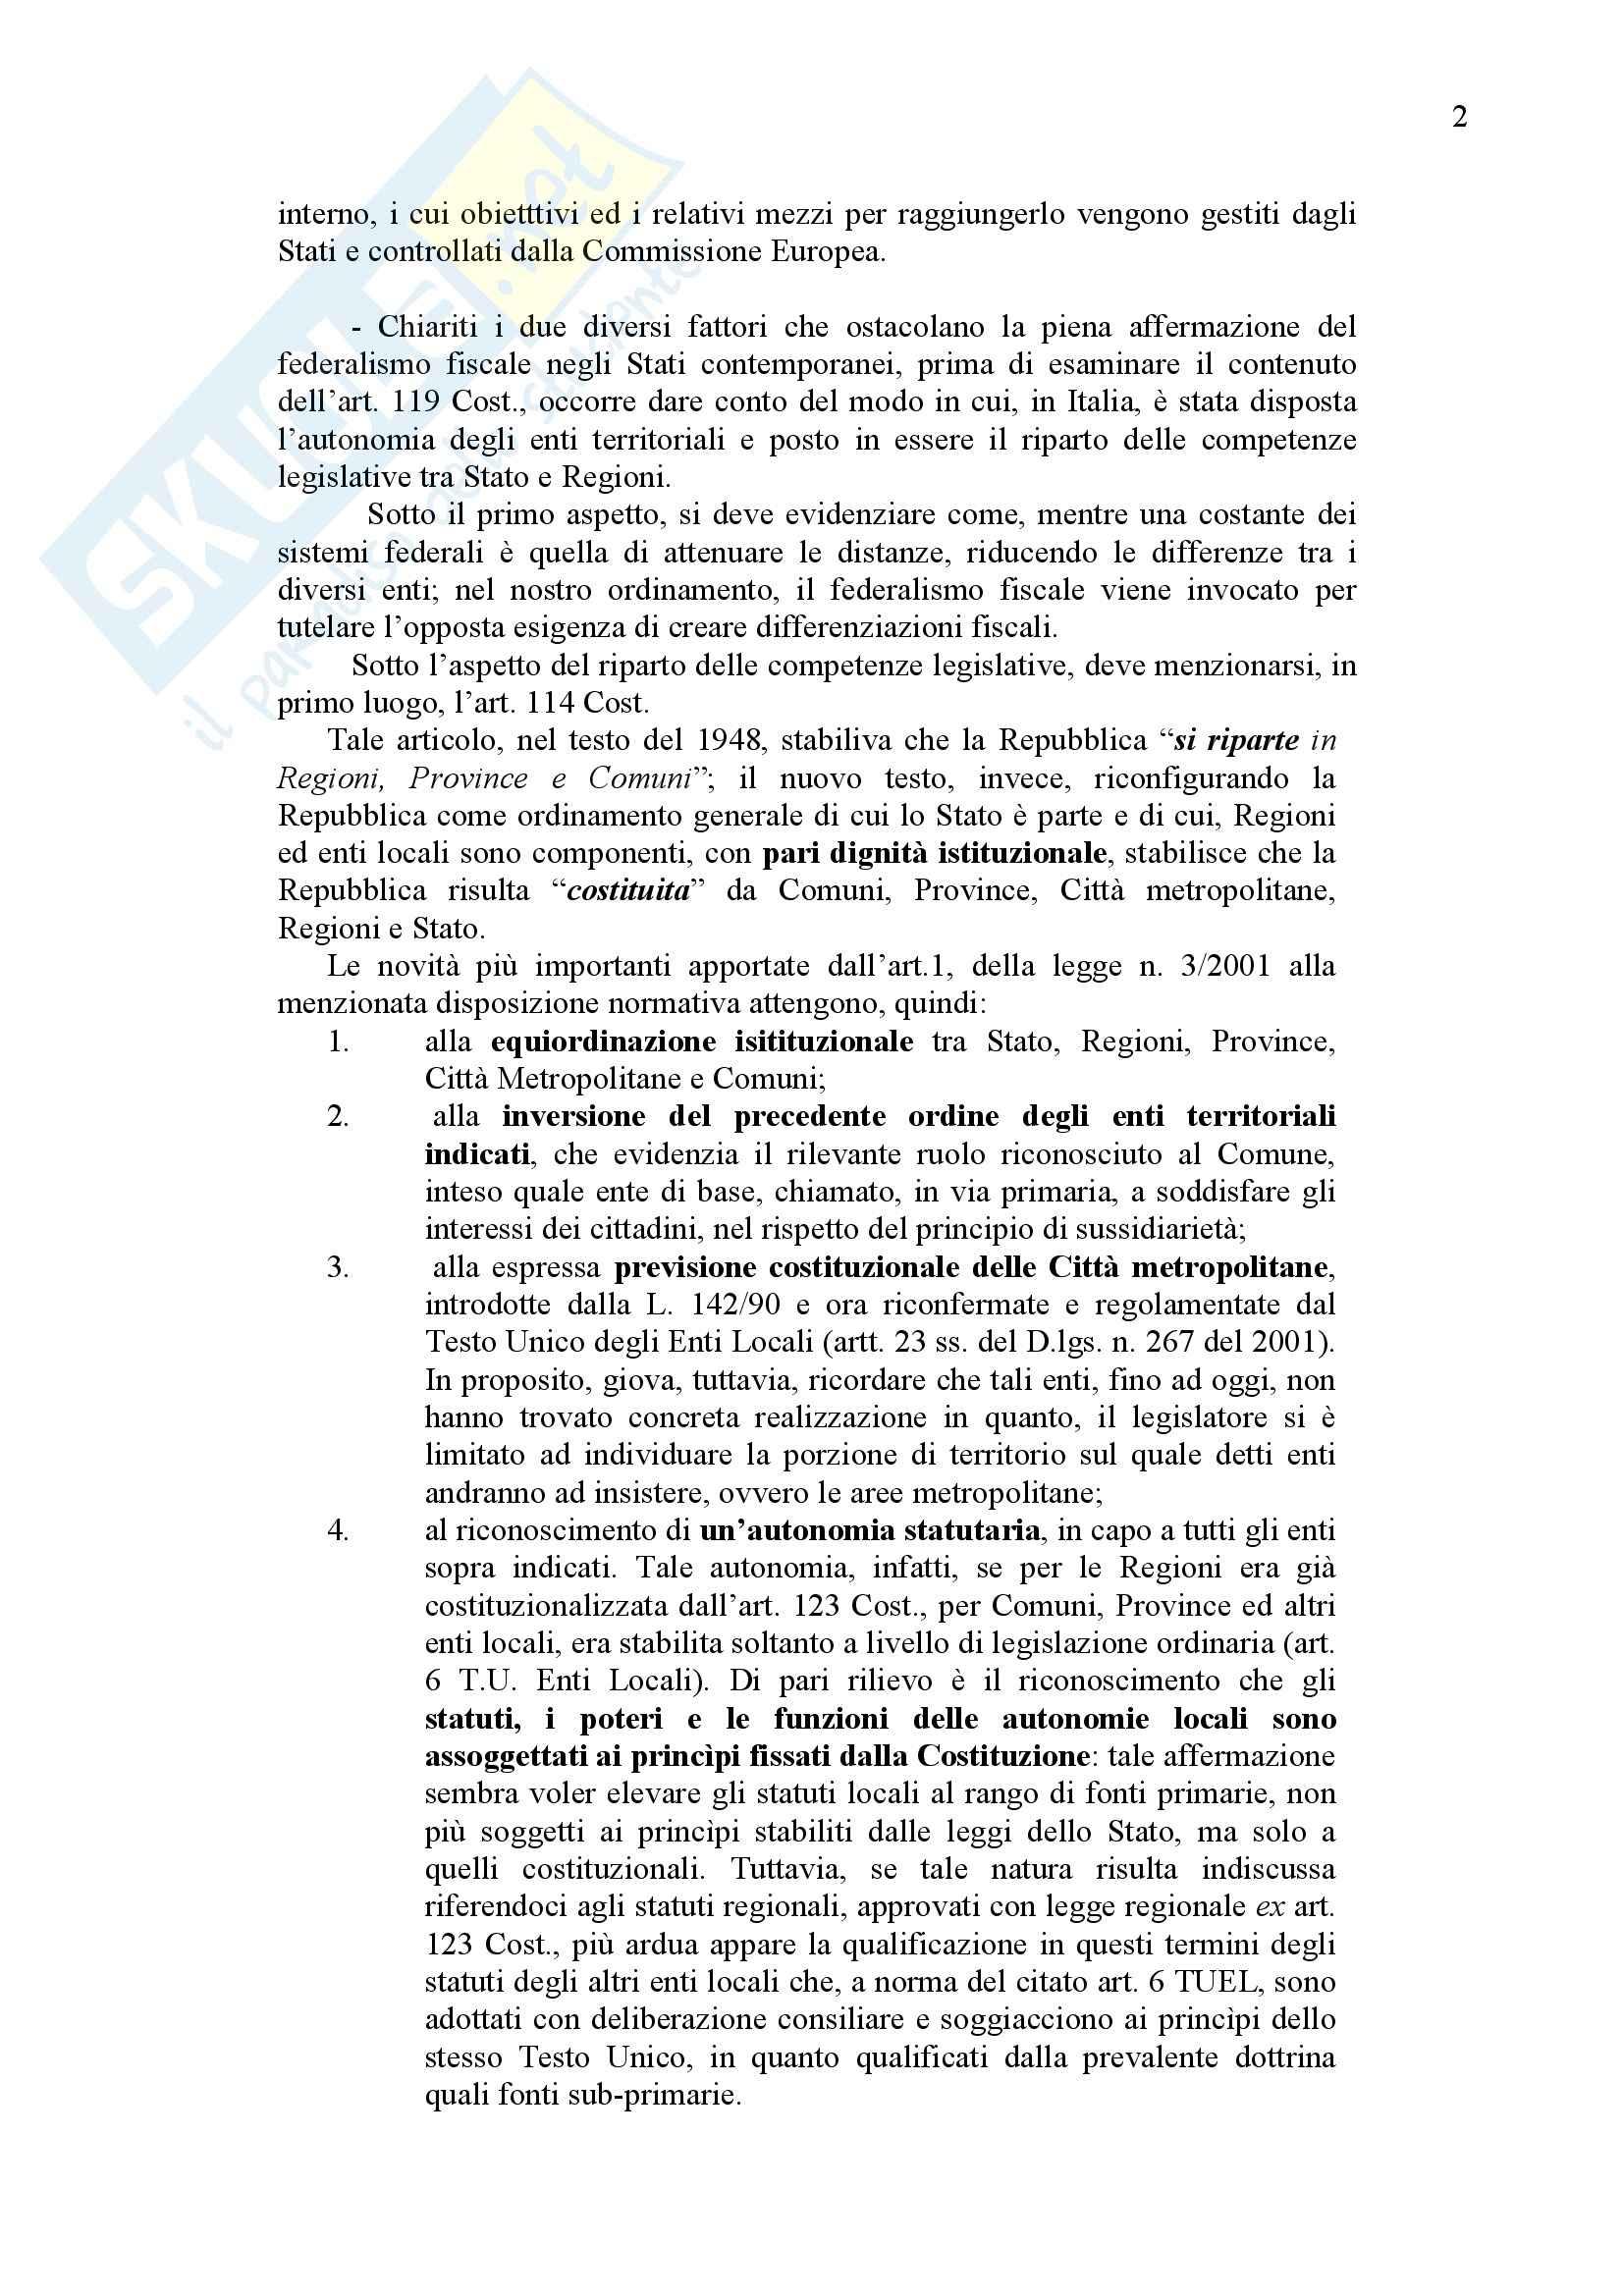 Diritto finanziario - La potestà finanziaria nella Costituzione Pag. 2